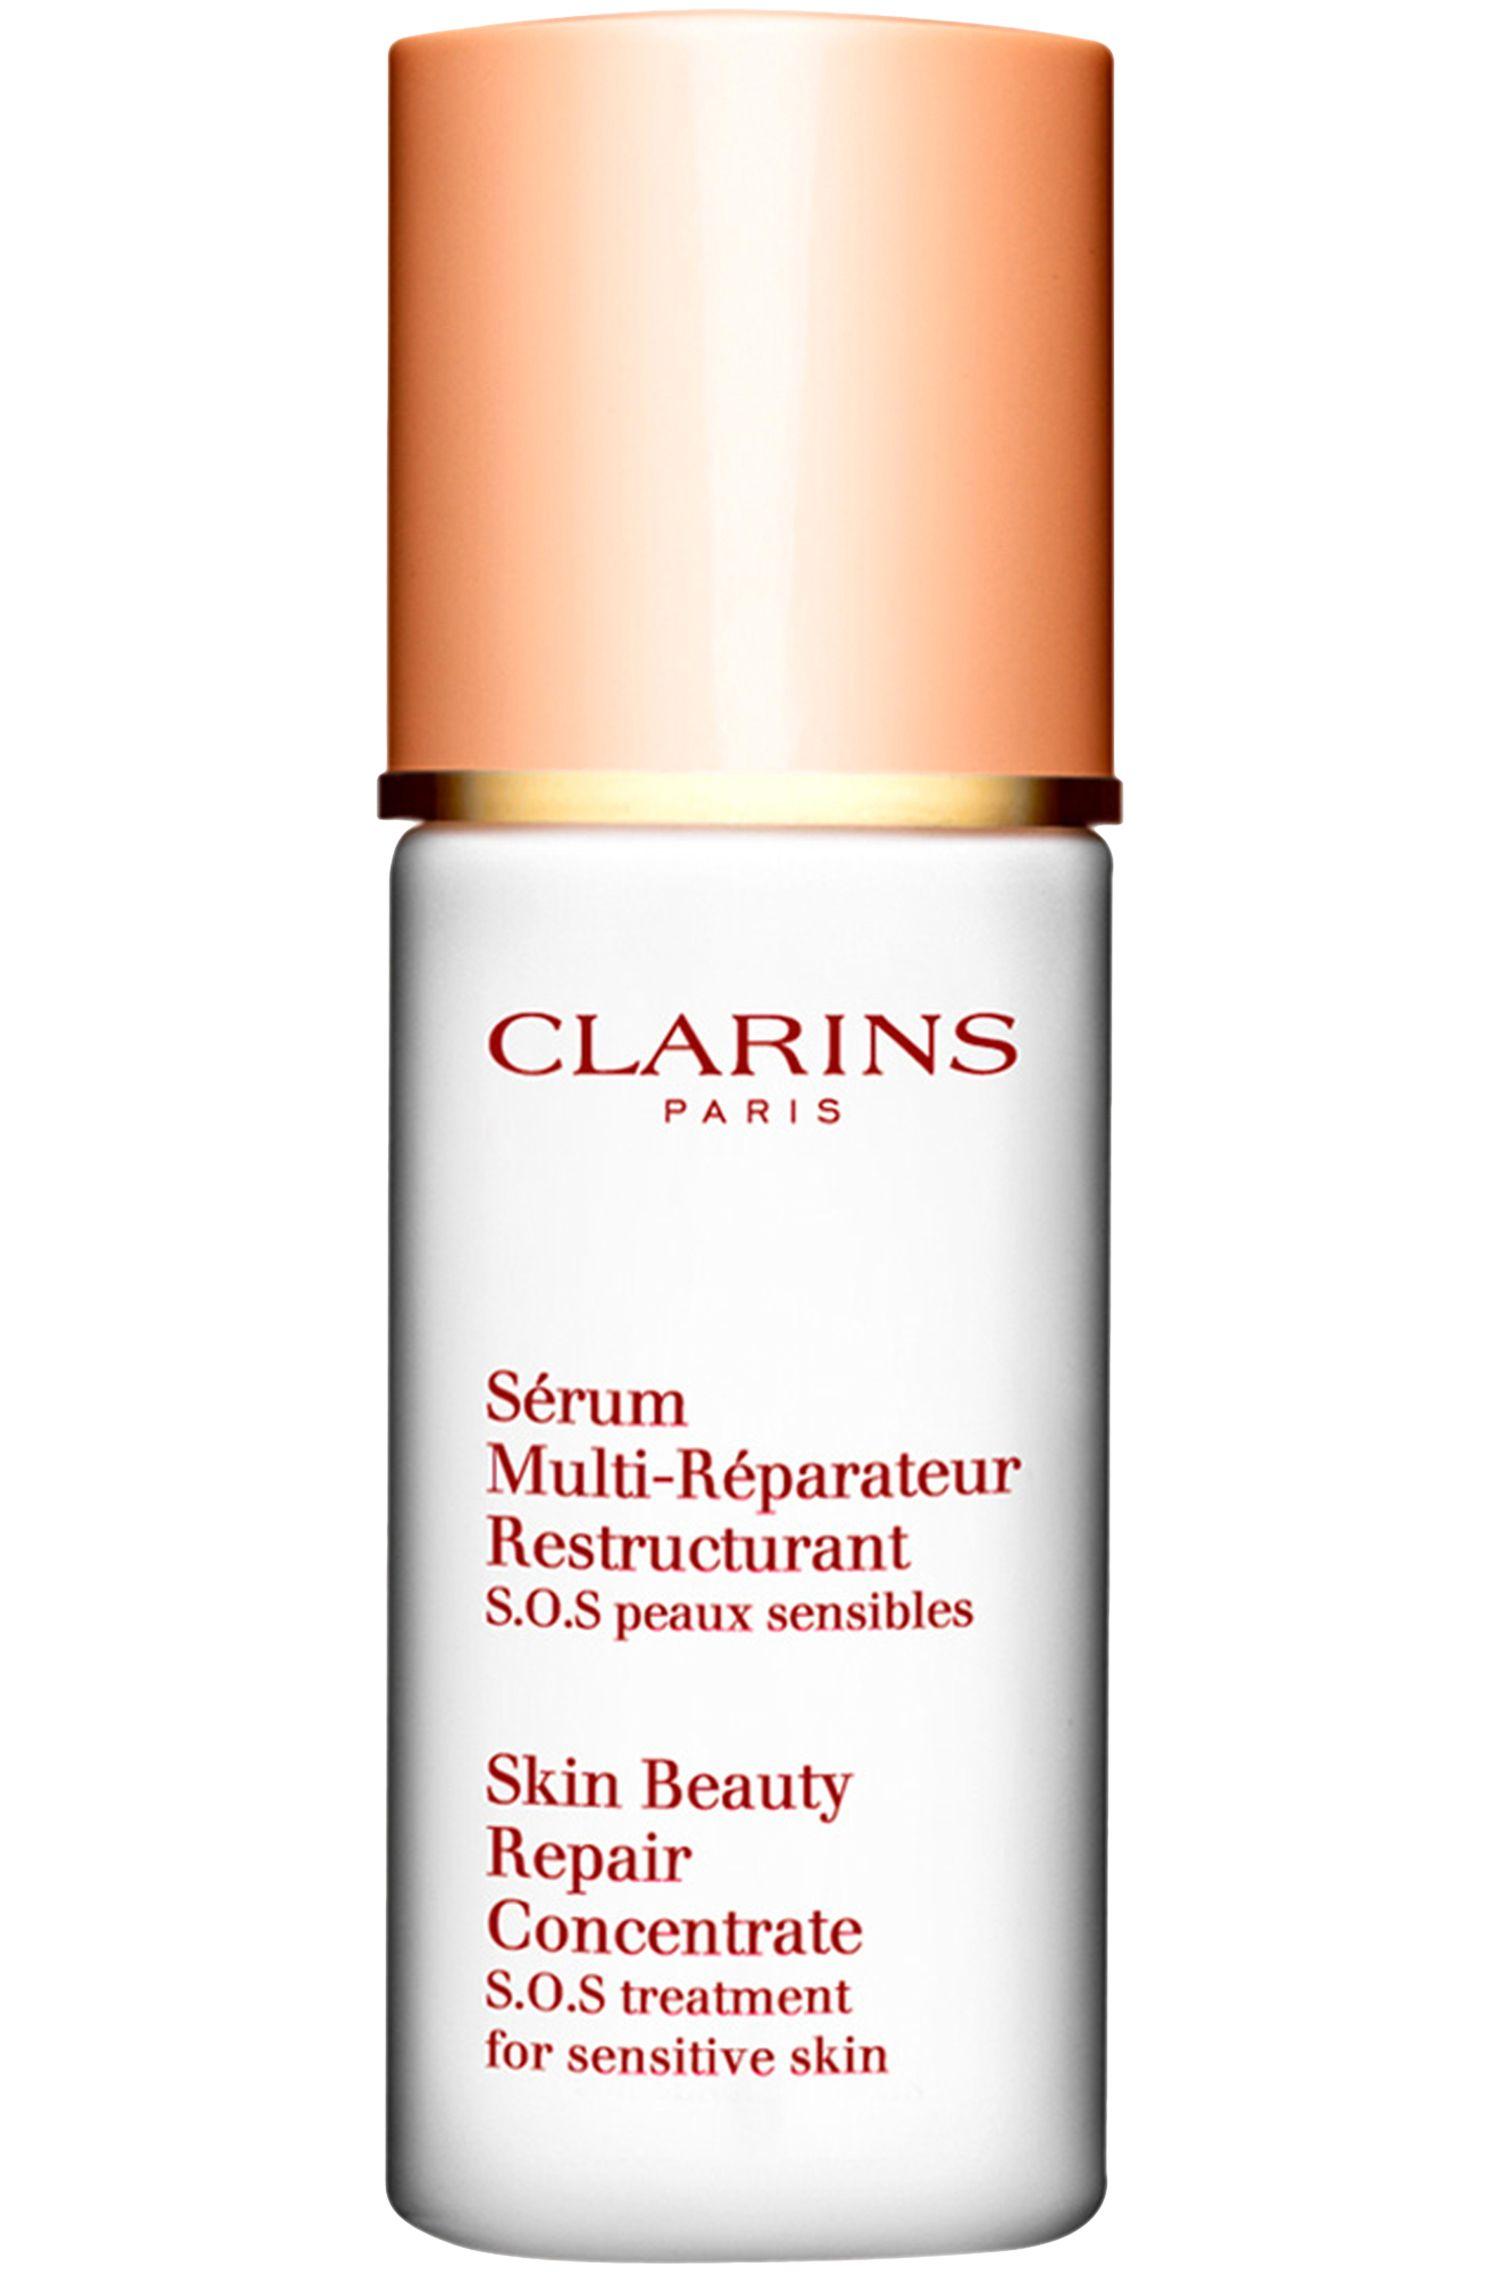 Blissim : Clarins - Sérum Multi-Réparateur Restructurant - Sérum Multi-Réparateur Restructurant